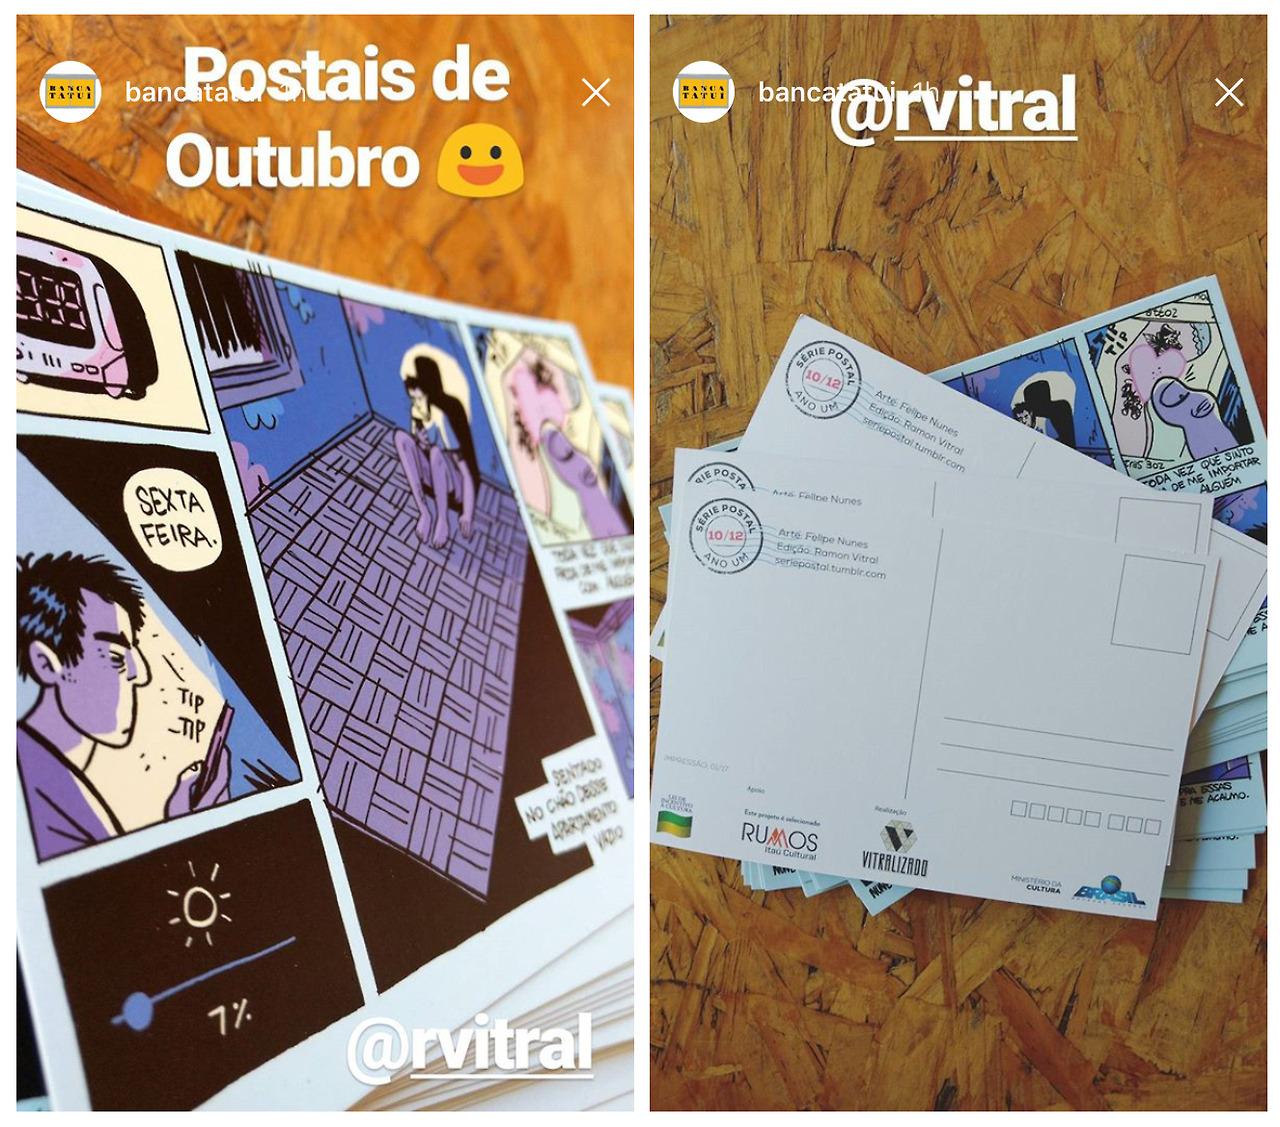 Felipe Nunes e a produção do 10º número da Série Postal